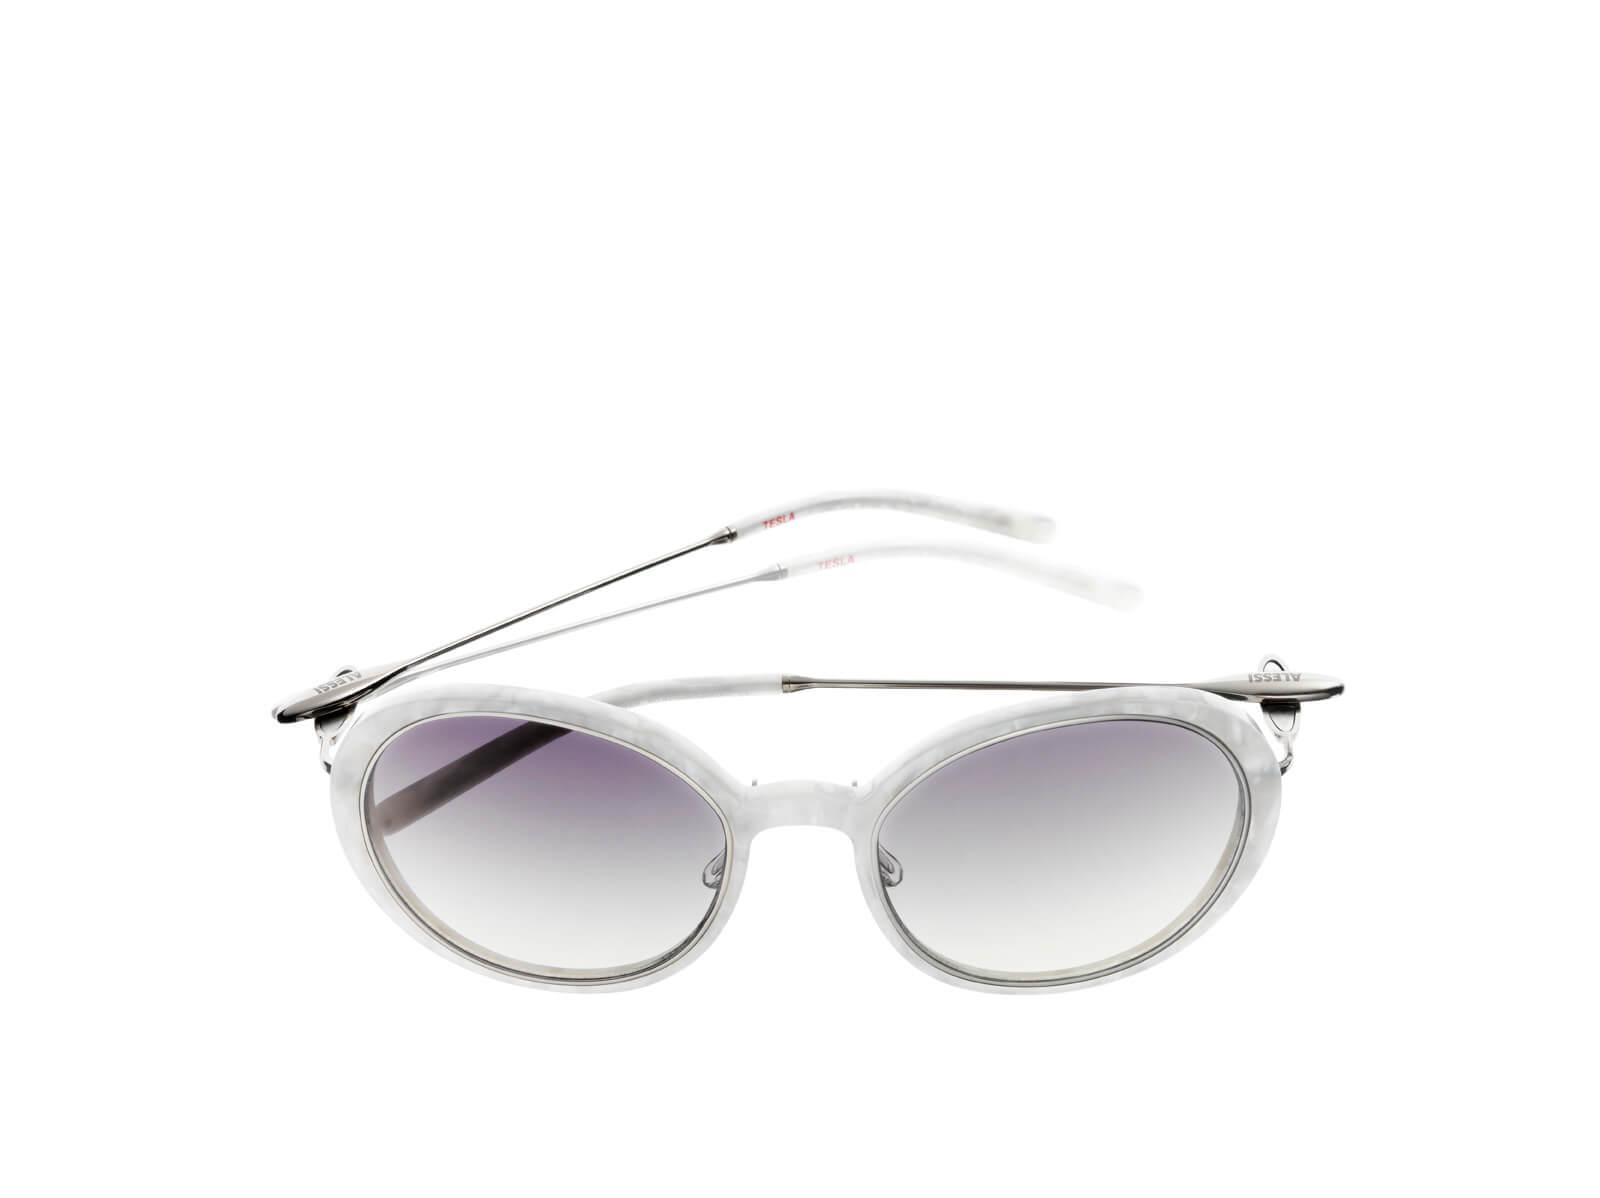 AlessiEyes-Kompas-sunglasses-eyewear-magnetic-hinge-02.jpg